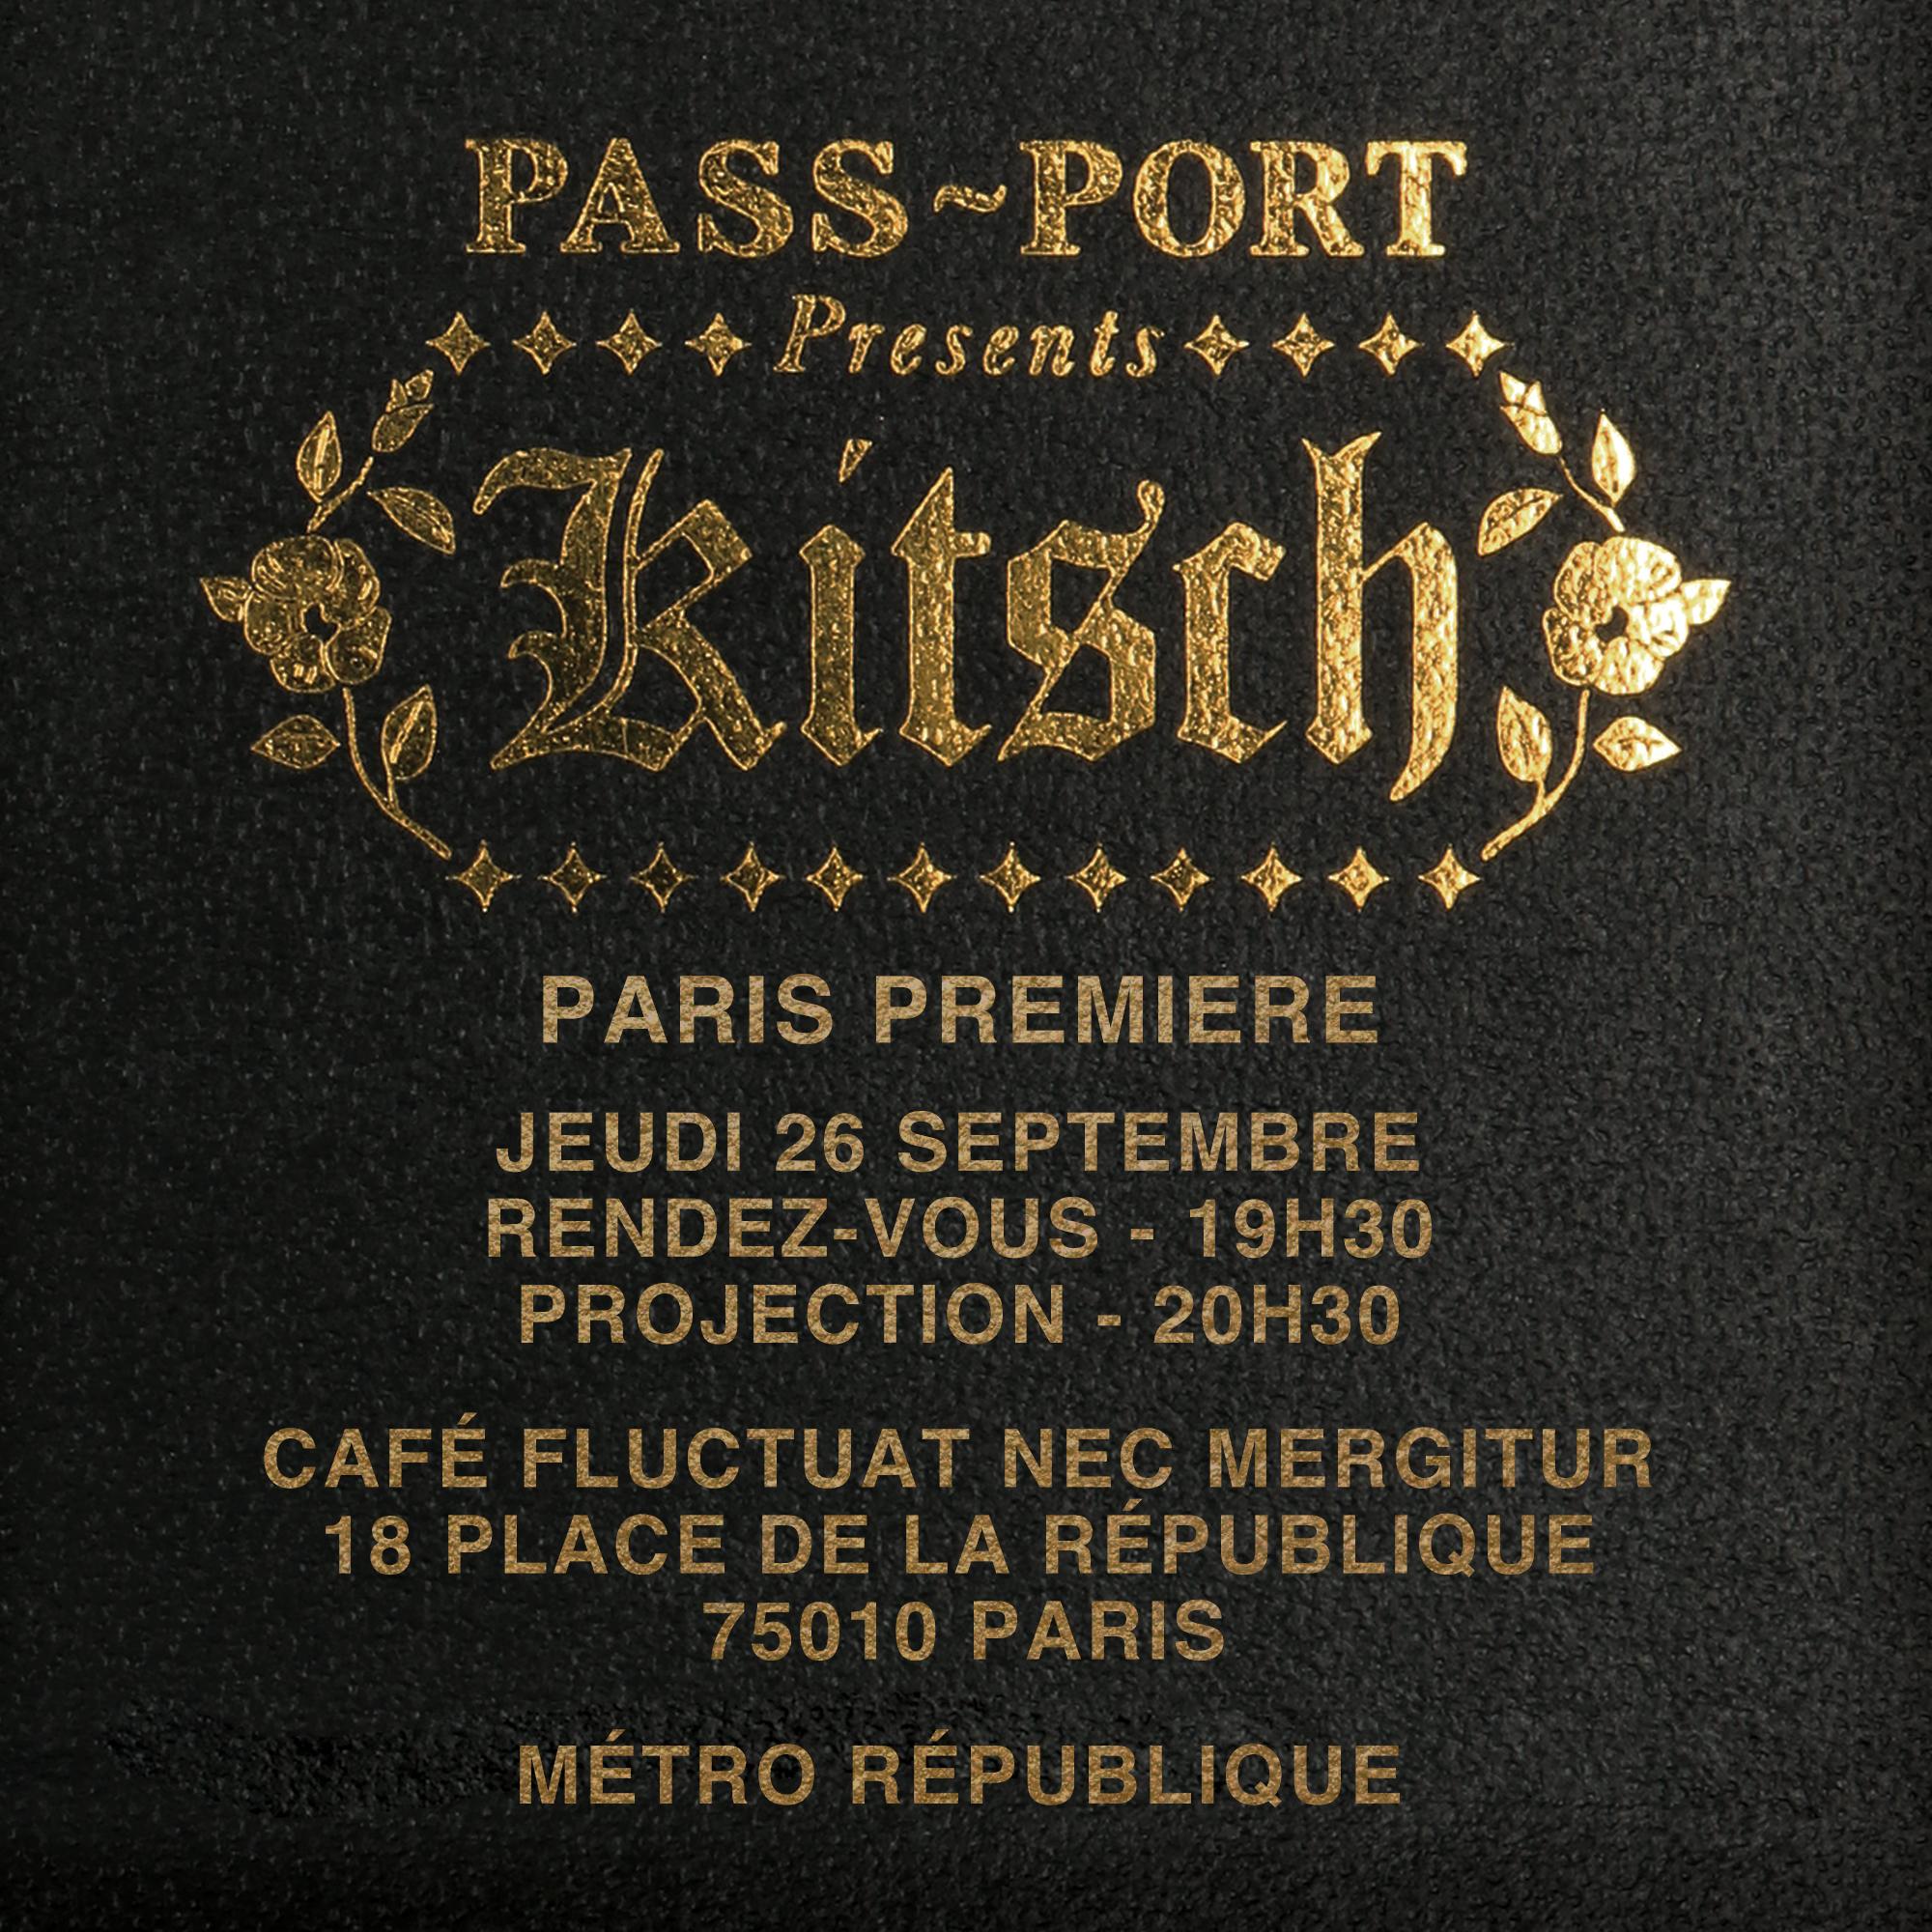 KITSCH VIDEO_PARIS